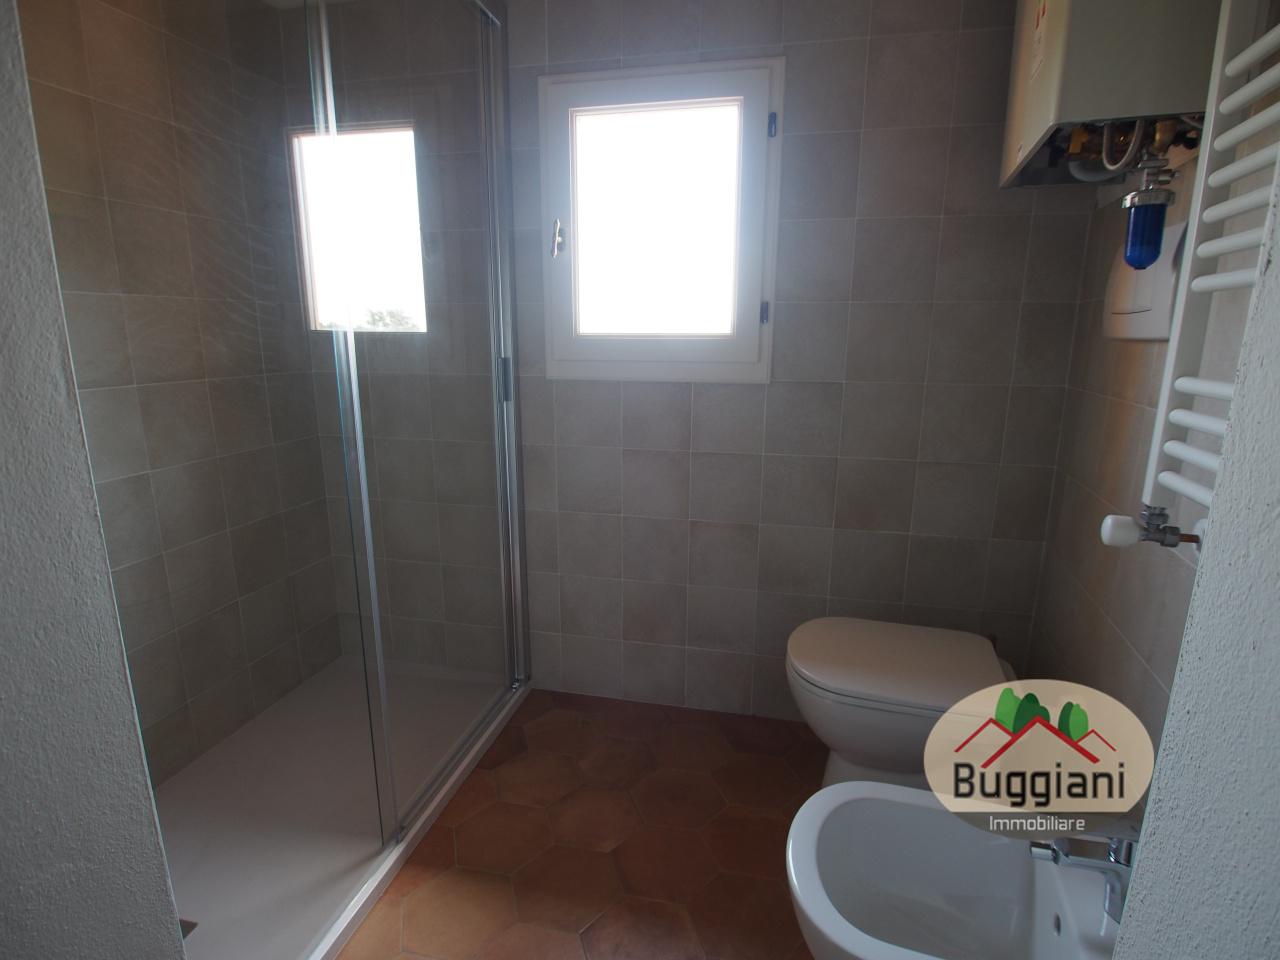 Appartamento in vendita RIF. 2160, San Miniato (PI)